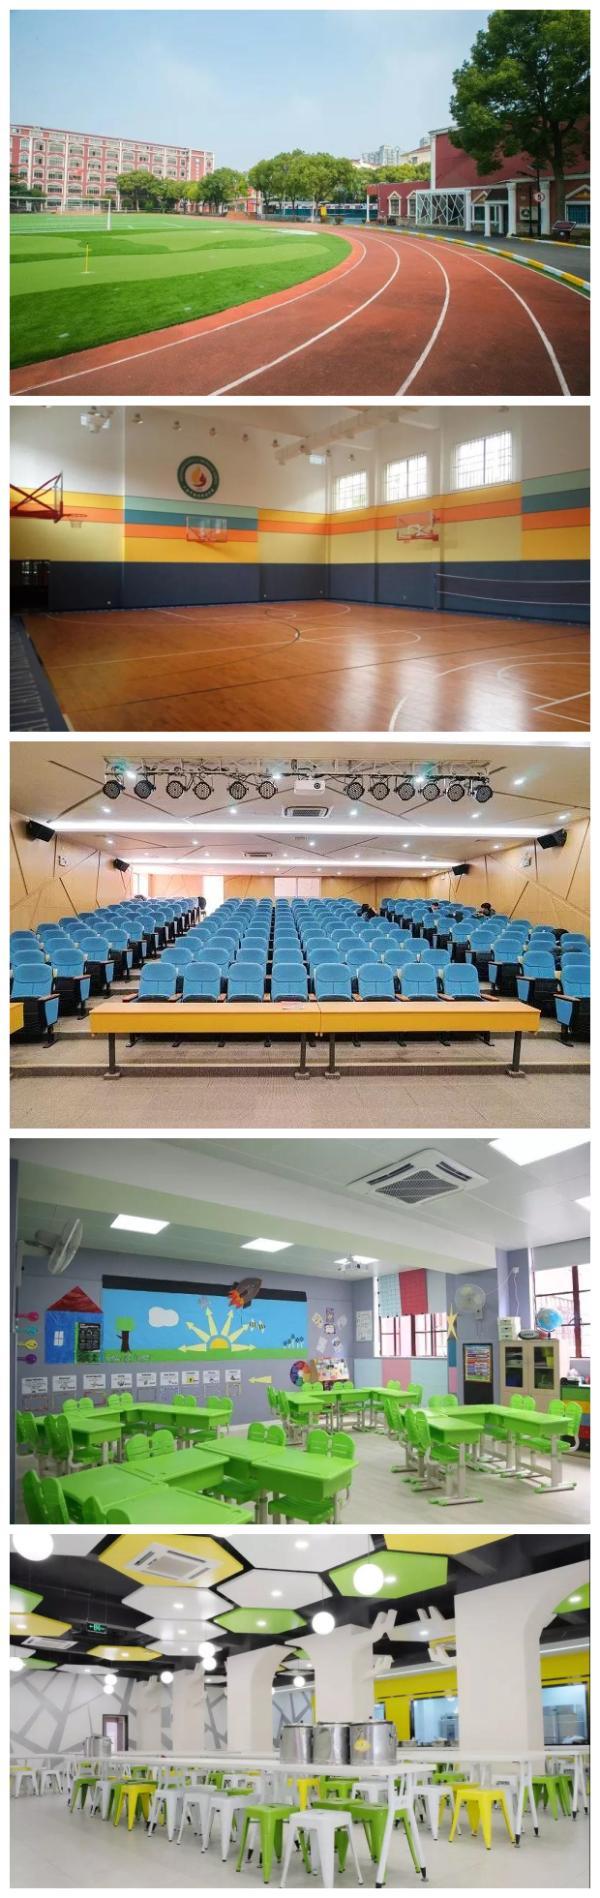 上海市燎原双语学校庆祝其20周年建校纪念